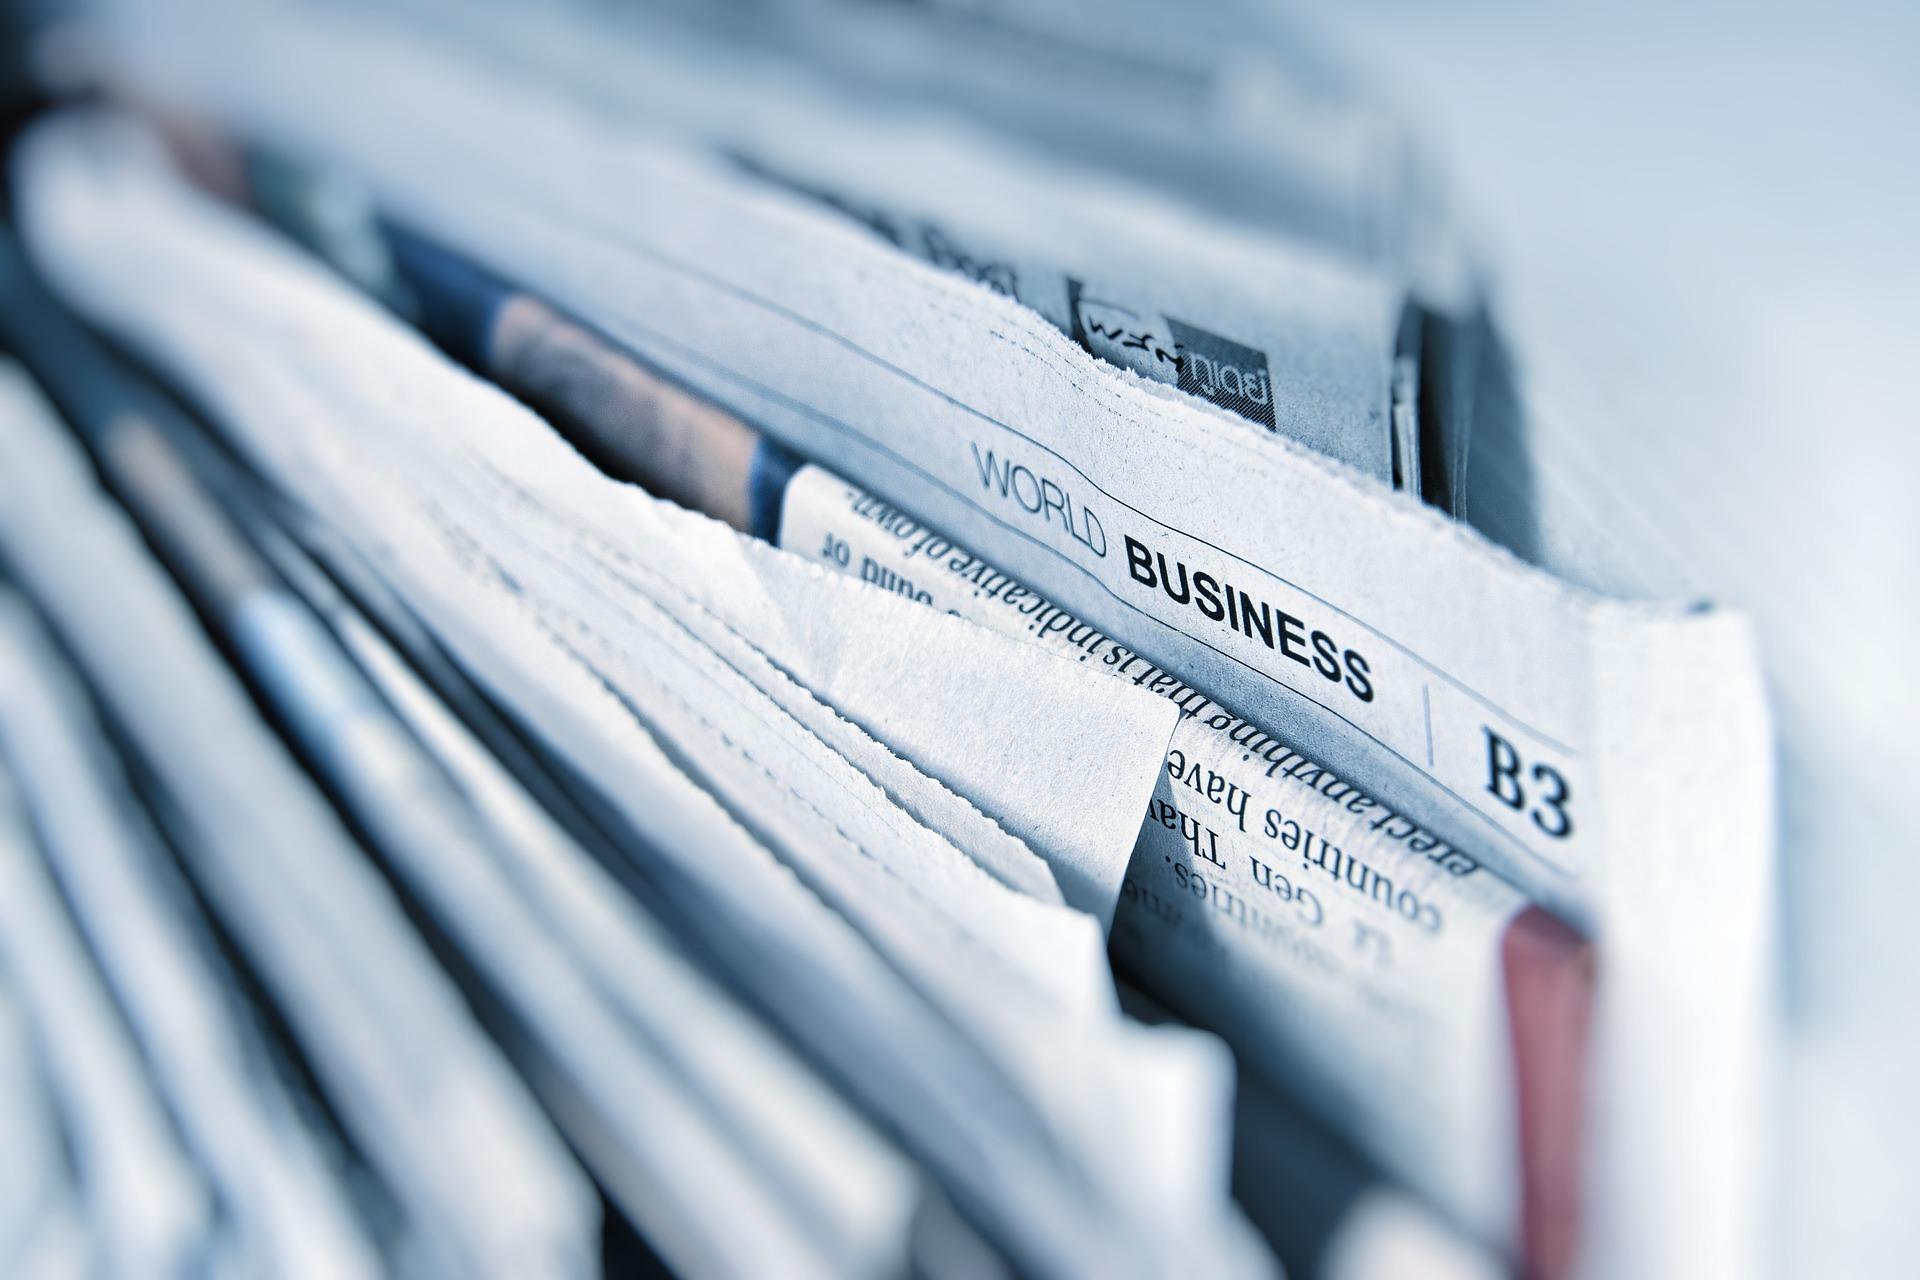 Como funciona o trabalho de uma assessoria de imprensa?